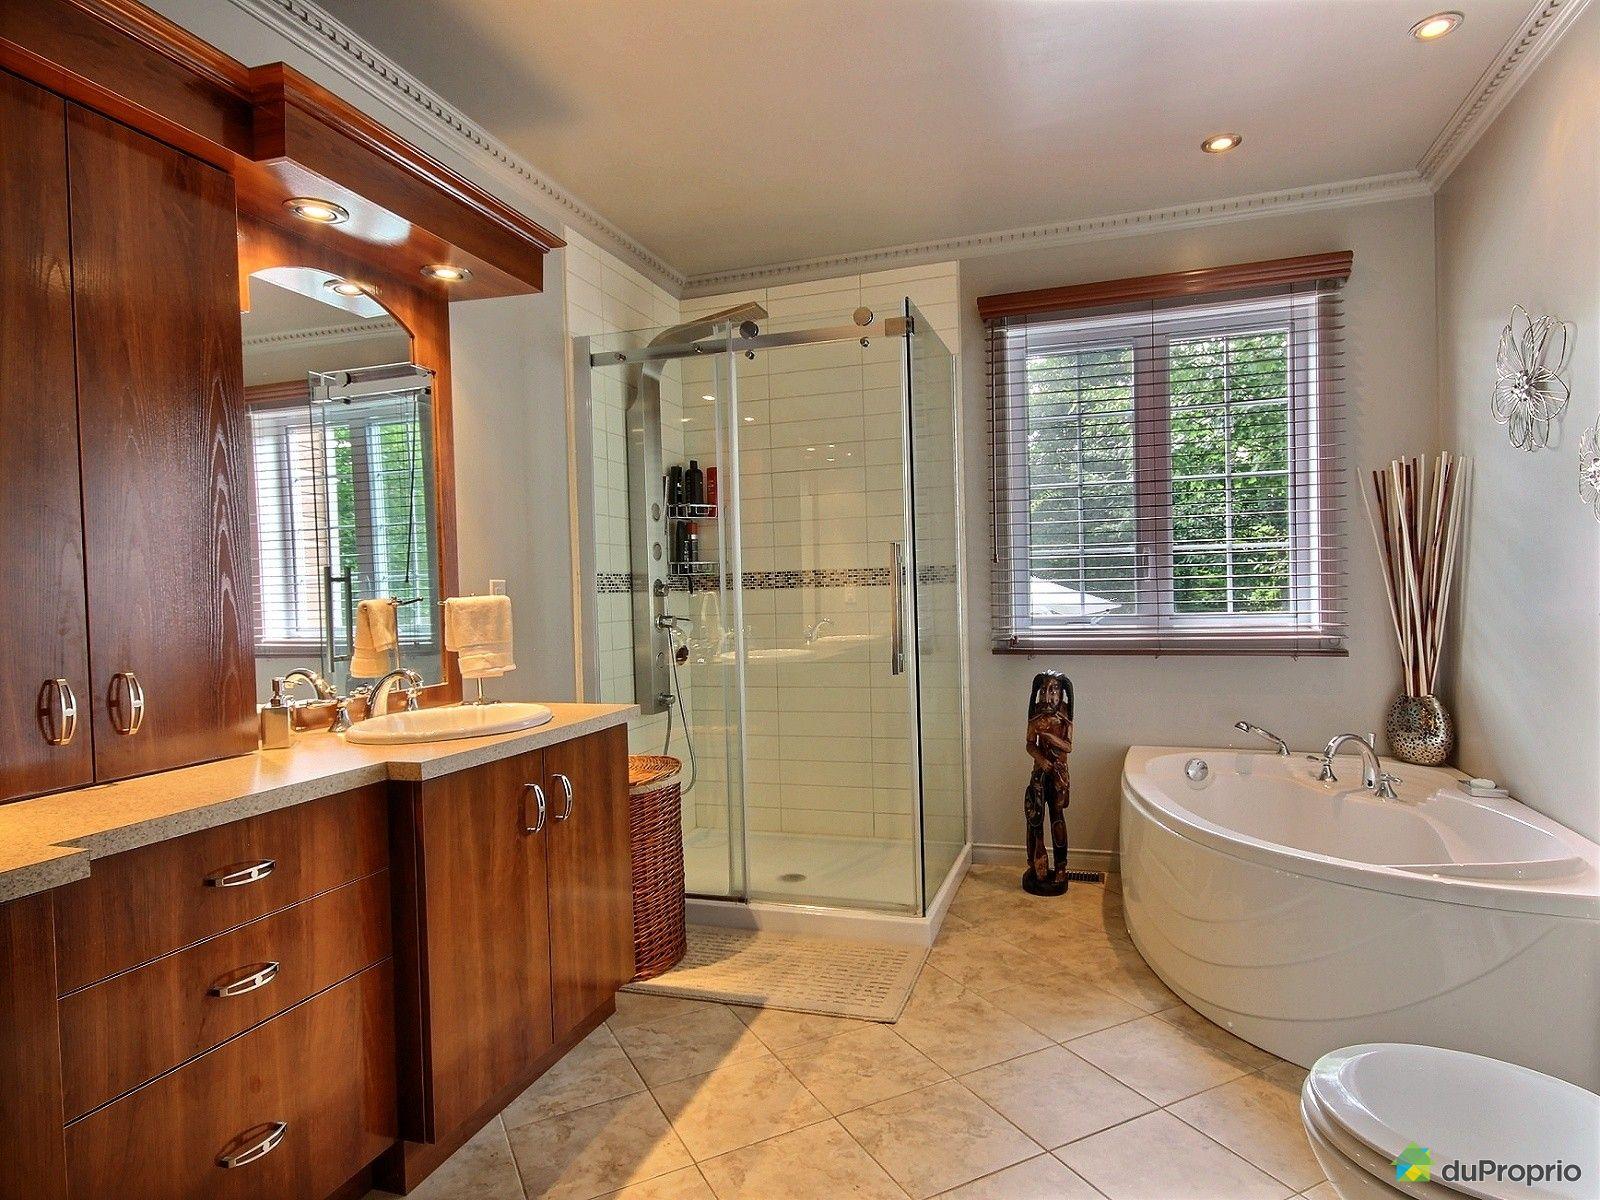 Maison vendu charette immobilier qu bec duproprio 635560 for Plomberie salle de bain au sous sol